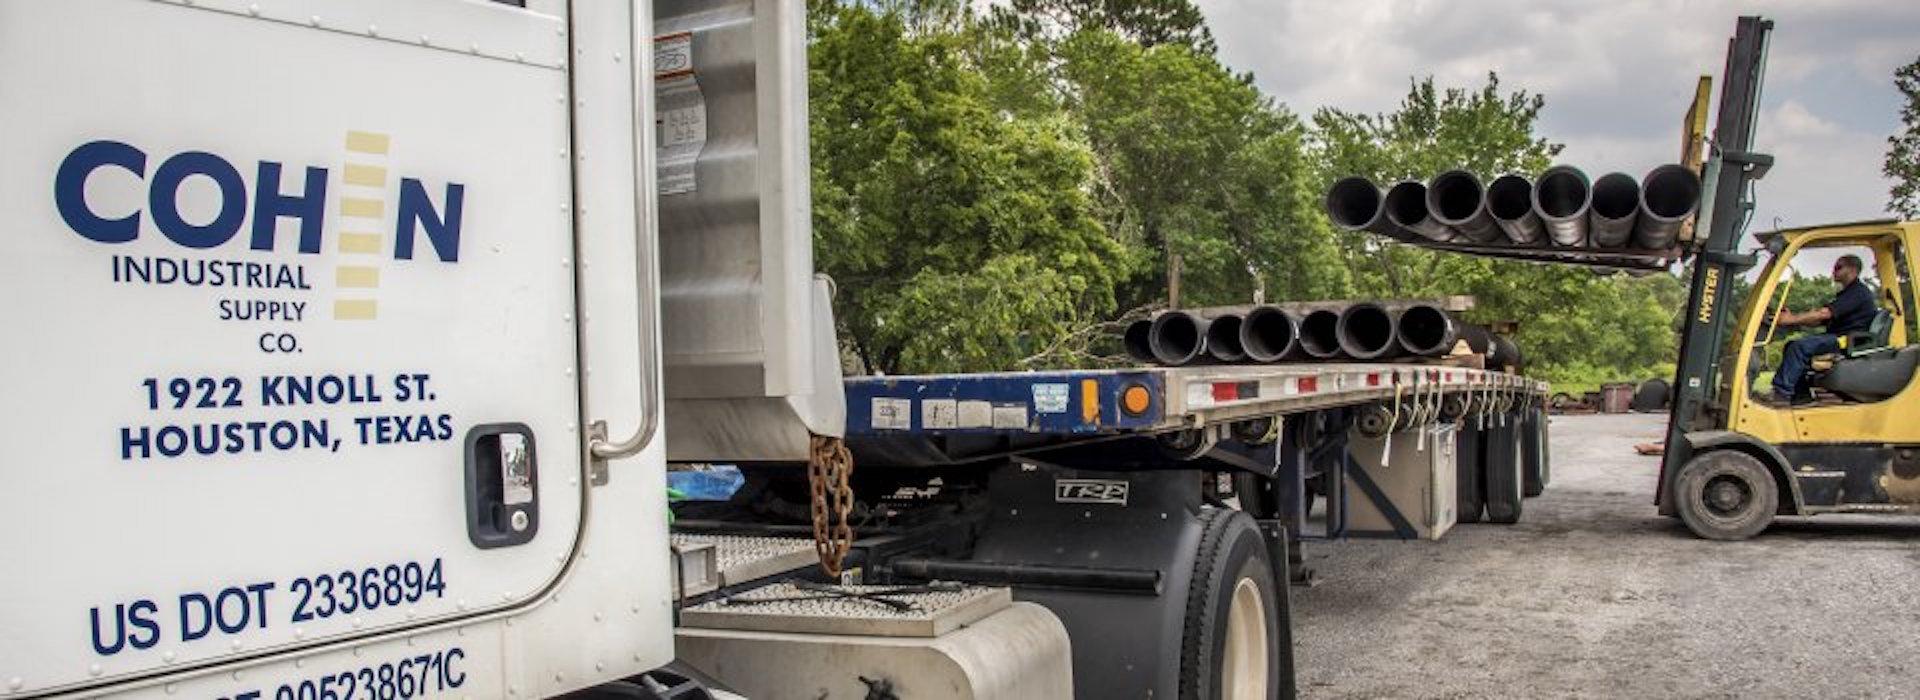 truck-welding